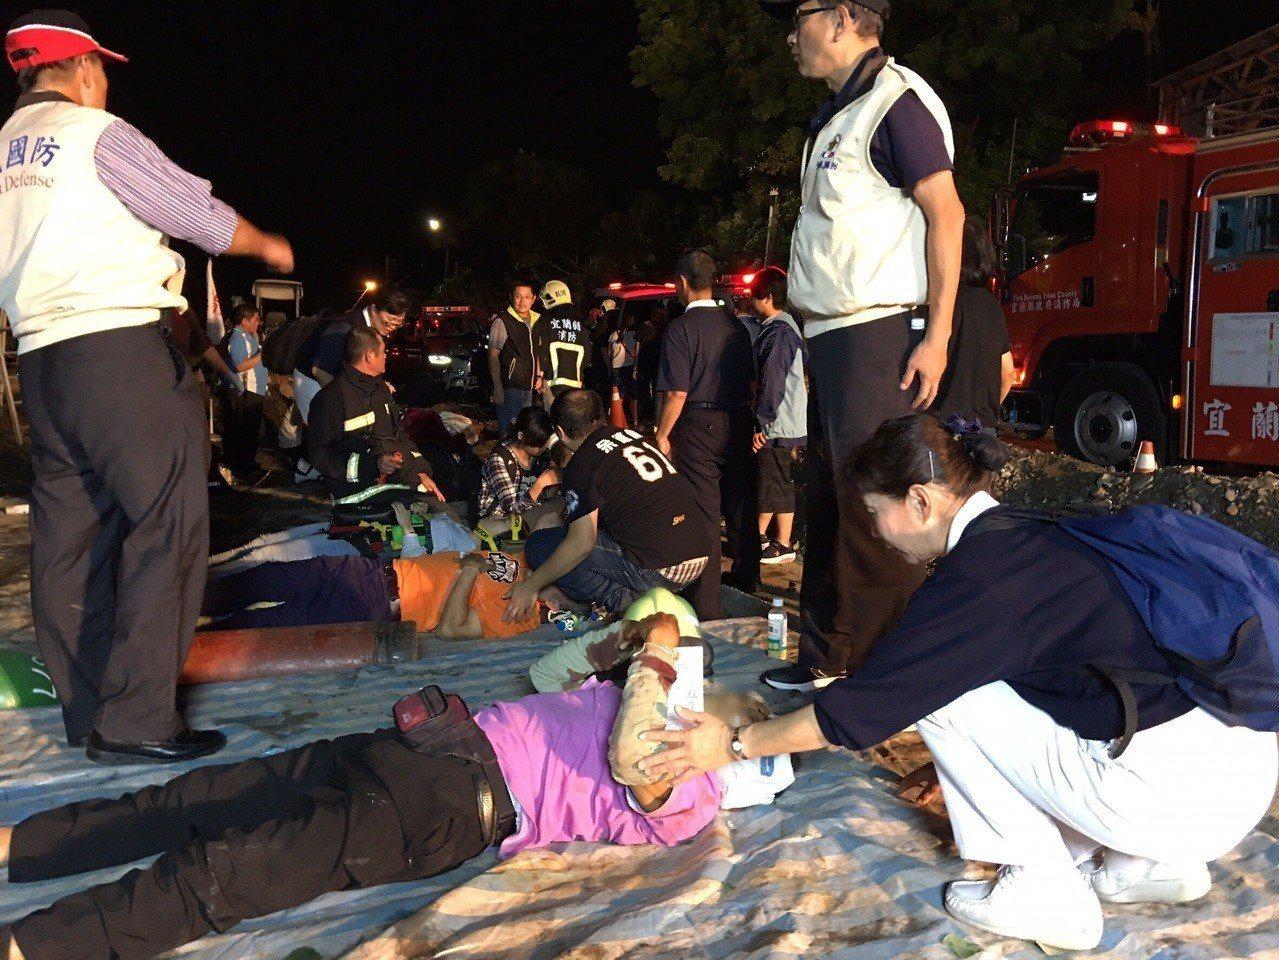 慈濟基金會已出動約百名志工投入,準備約200份熱食、100條毛毯等物資,明天將繼...